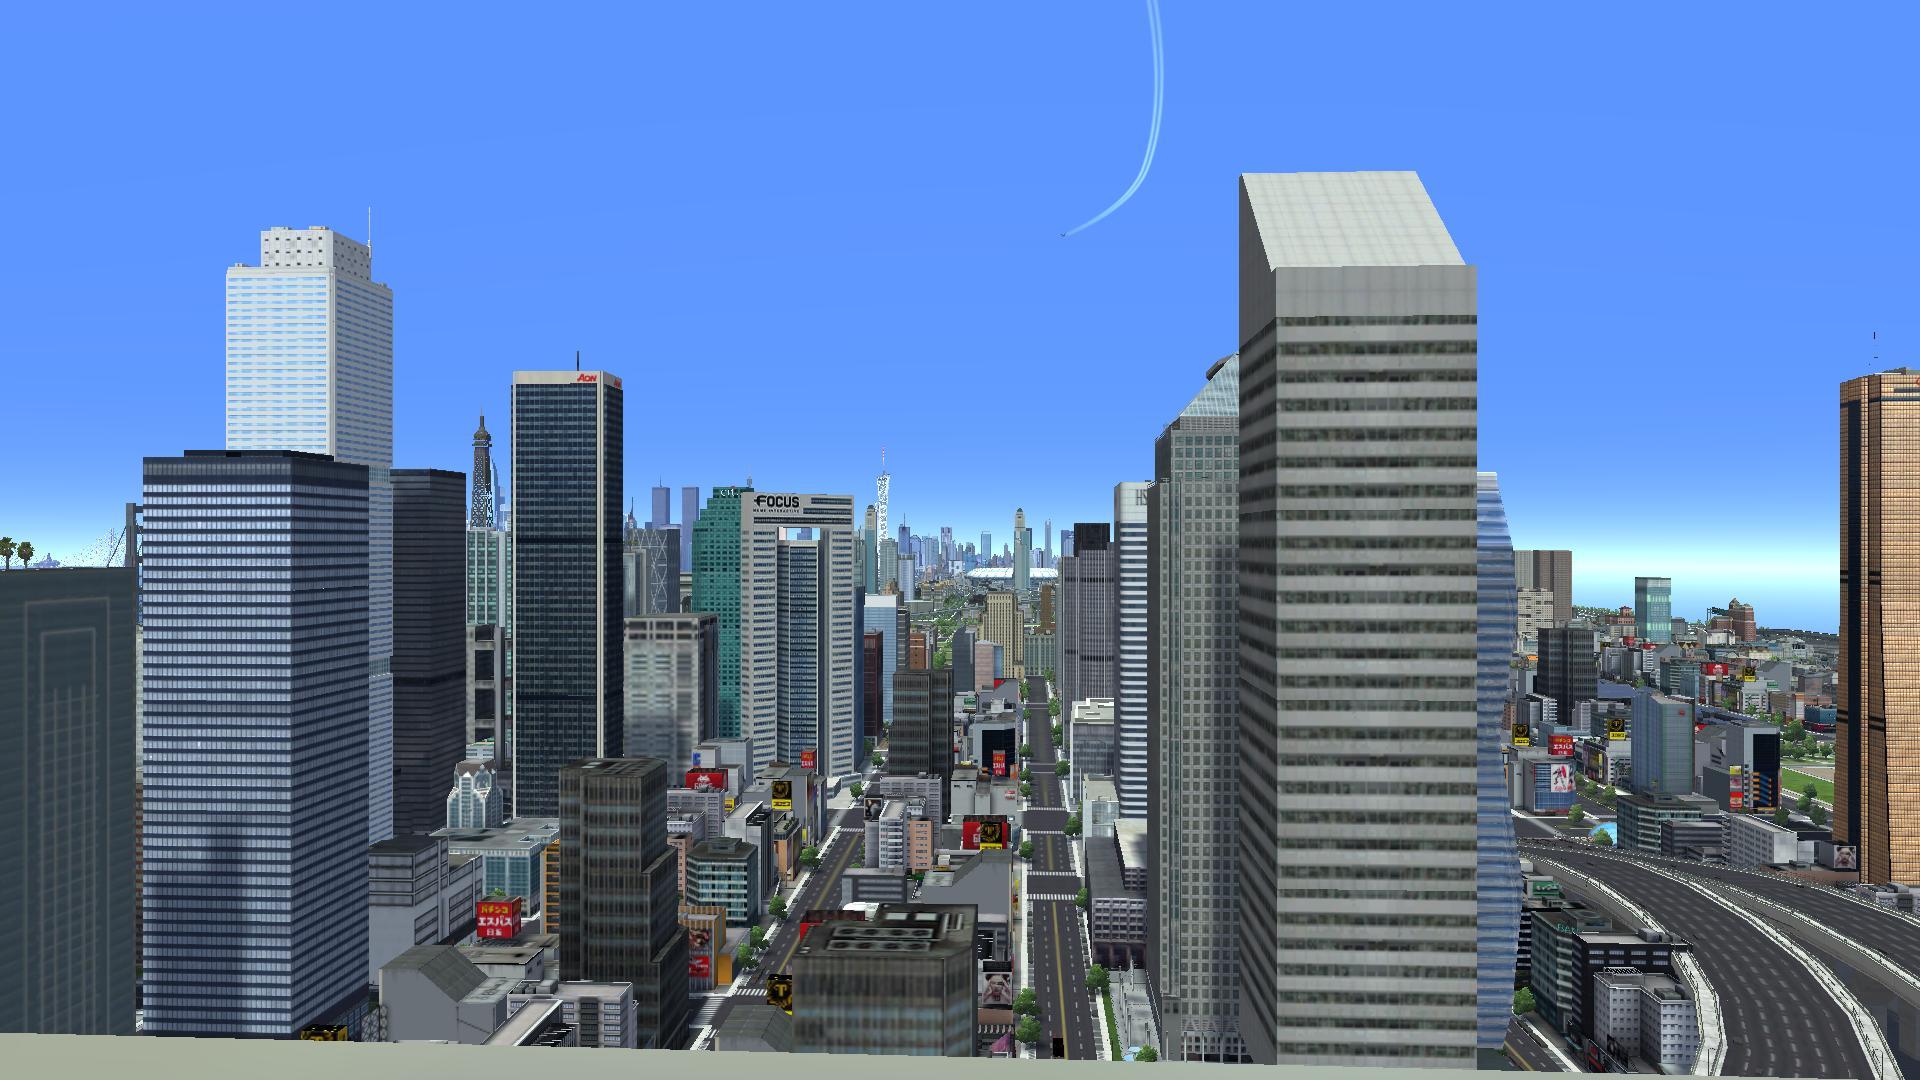 CitiesXL_2012 2014-11-06 02-03-20-14.jpg